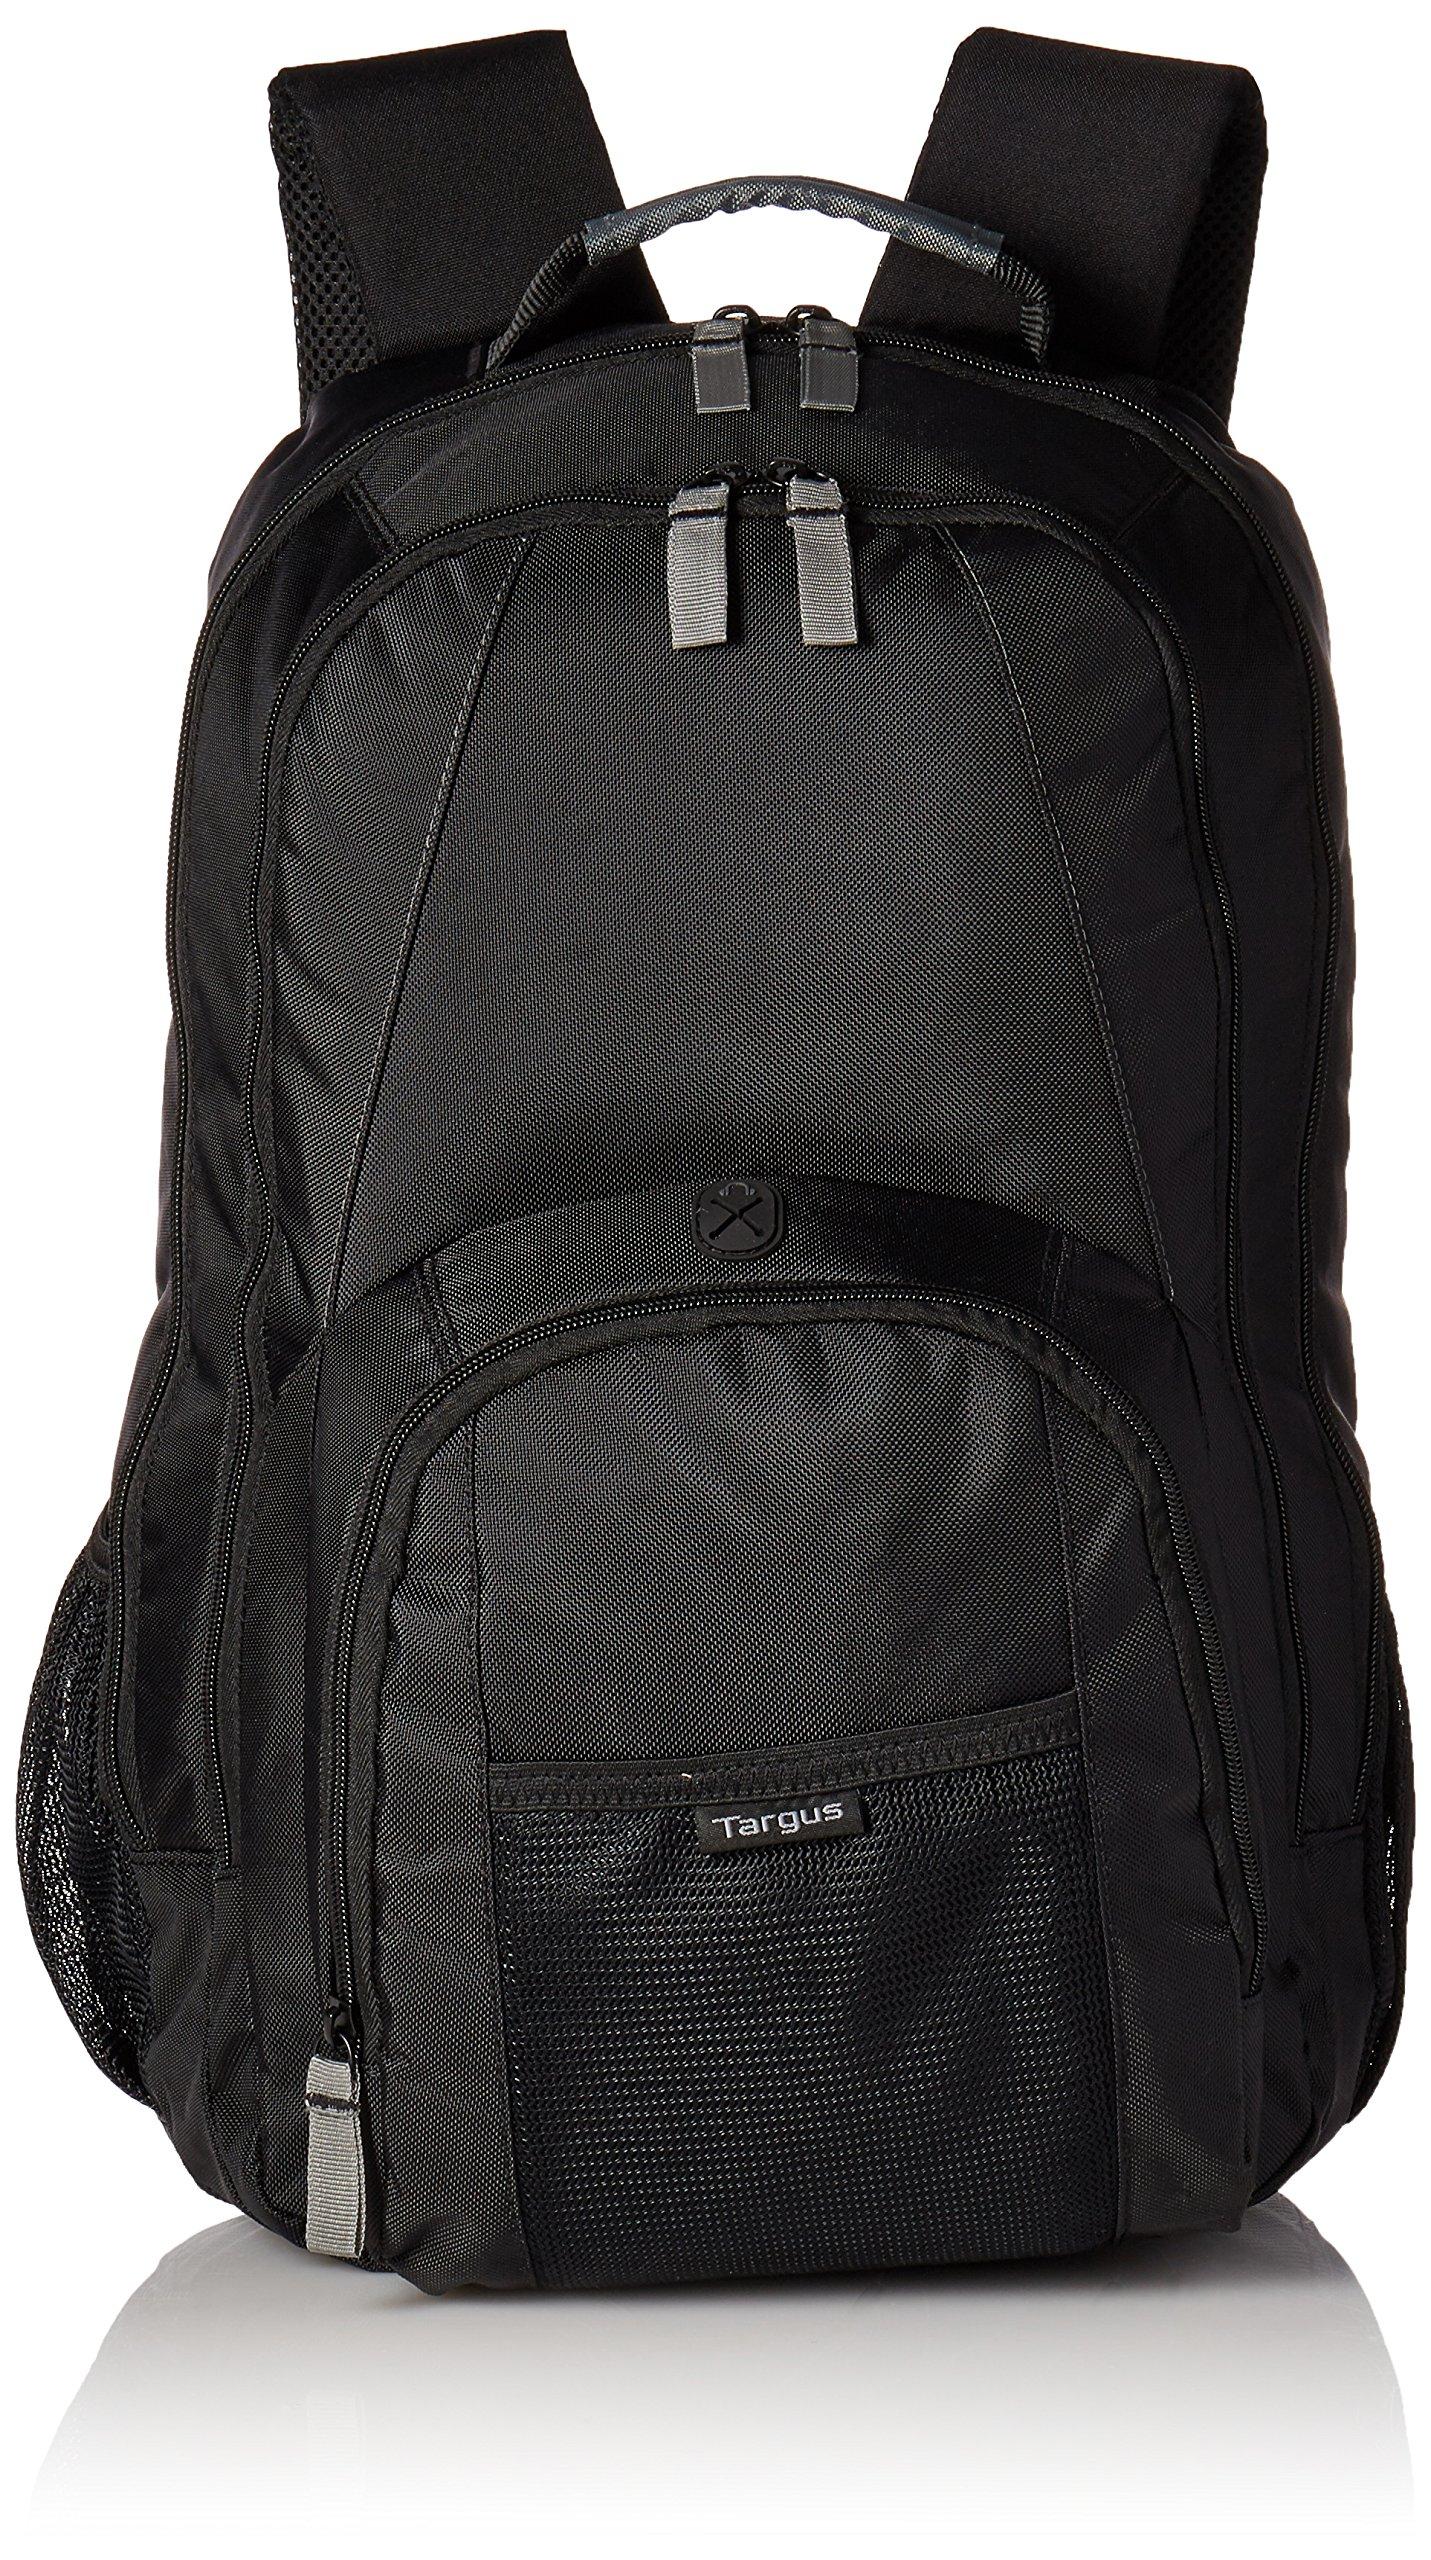 Targus Backpack 17 Inch Laptops CVR617